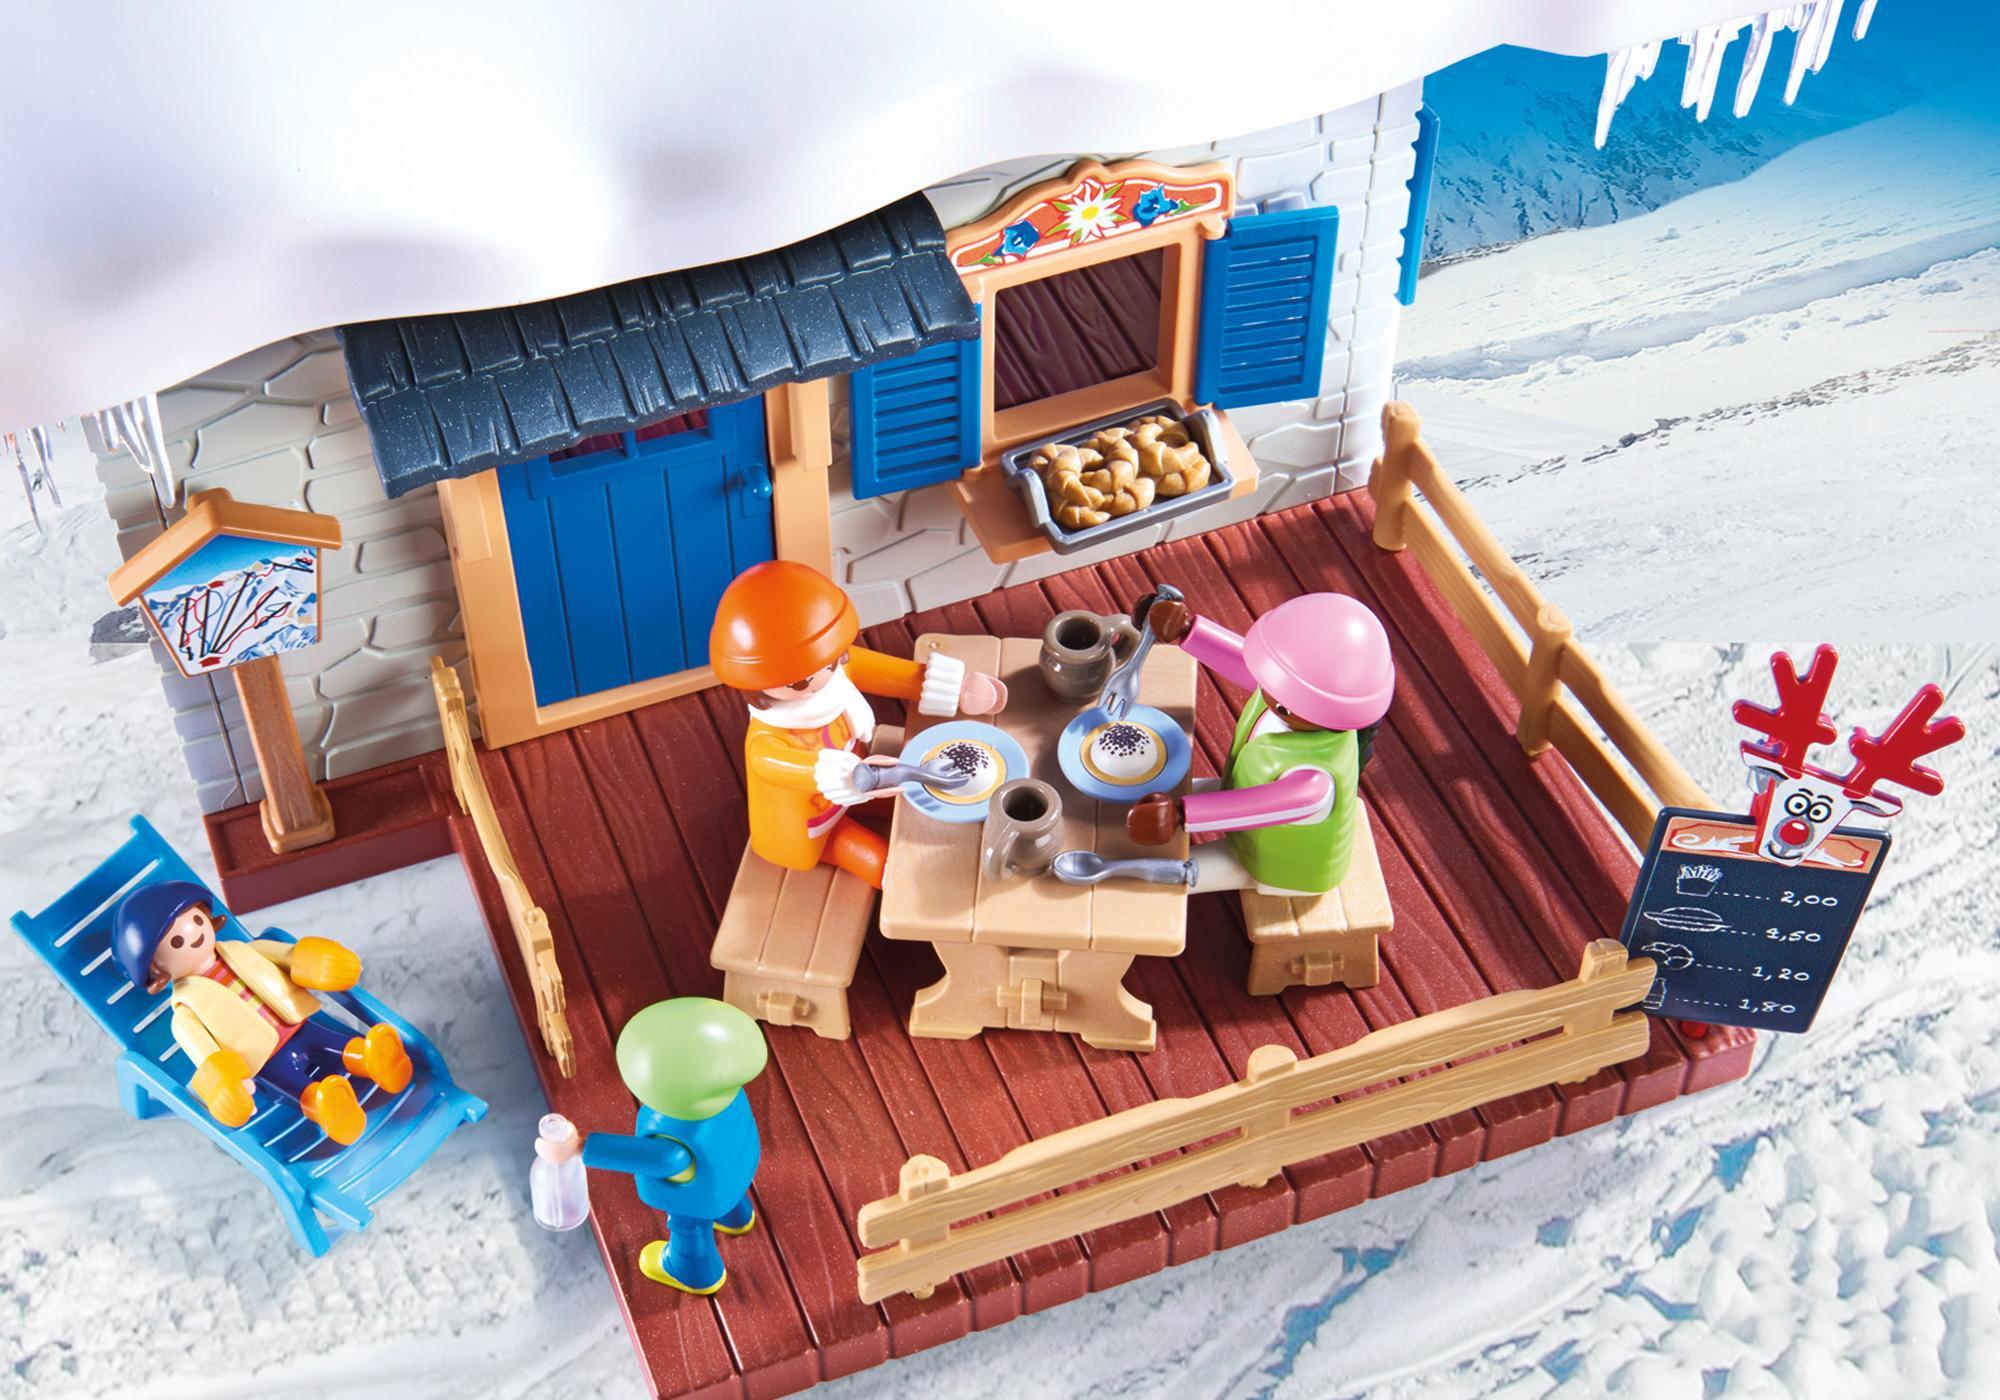 http://media.playmobil.com/i/playmobil/9280_product_extra1/Cabaña de Esquí